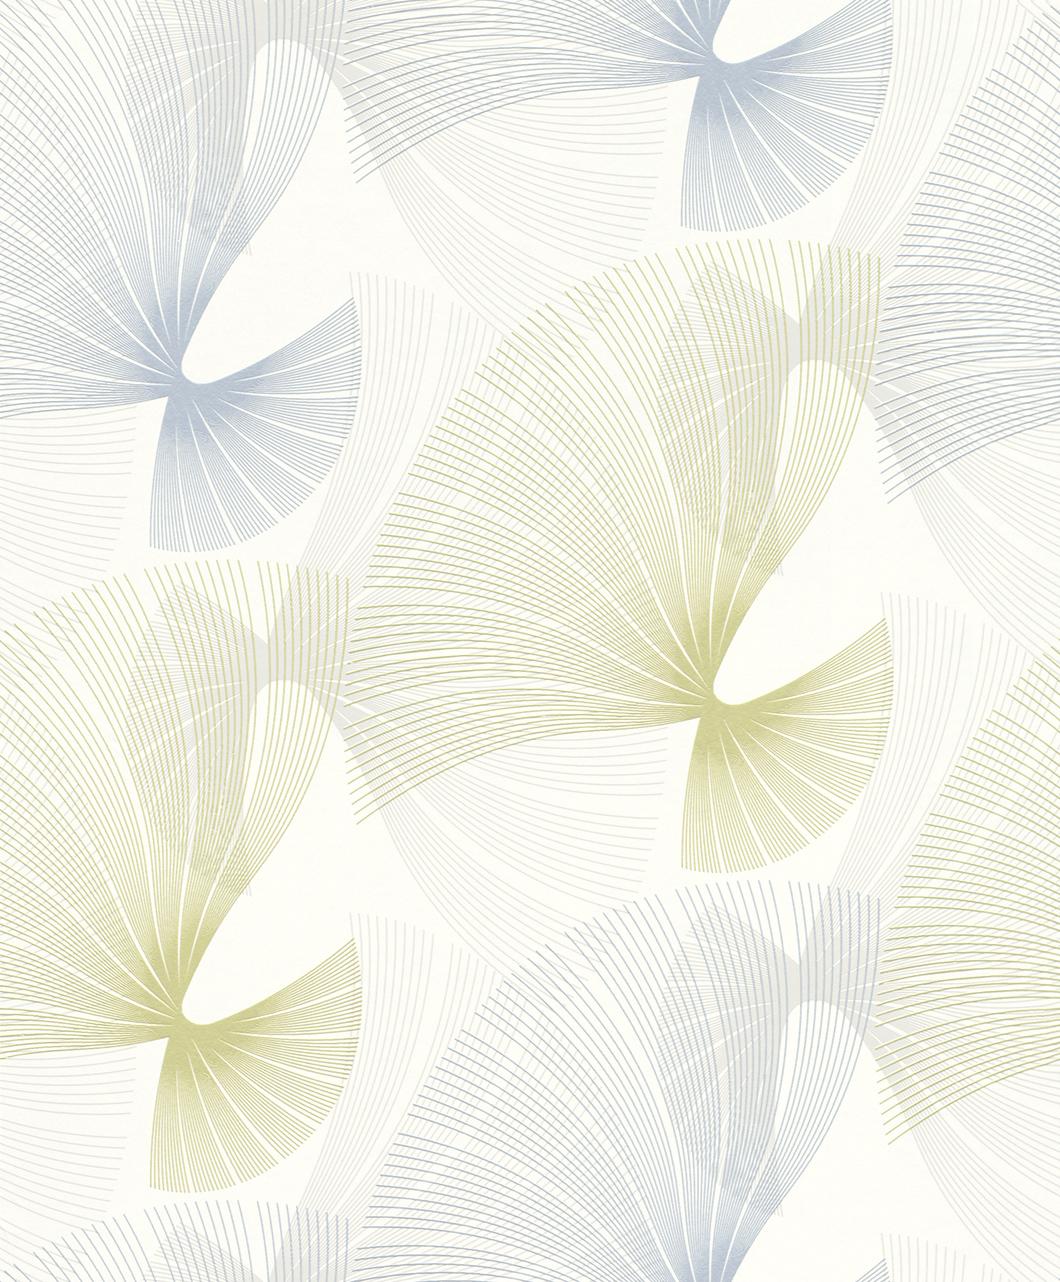 rasch-Tapeten-Personal-Affairs-432145-Vlies-3-37-m